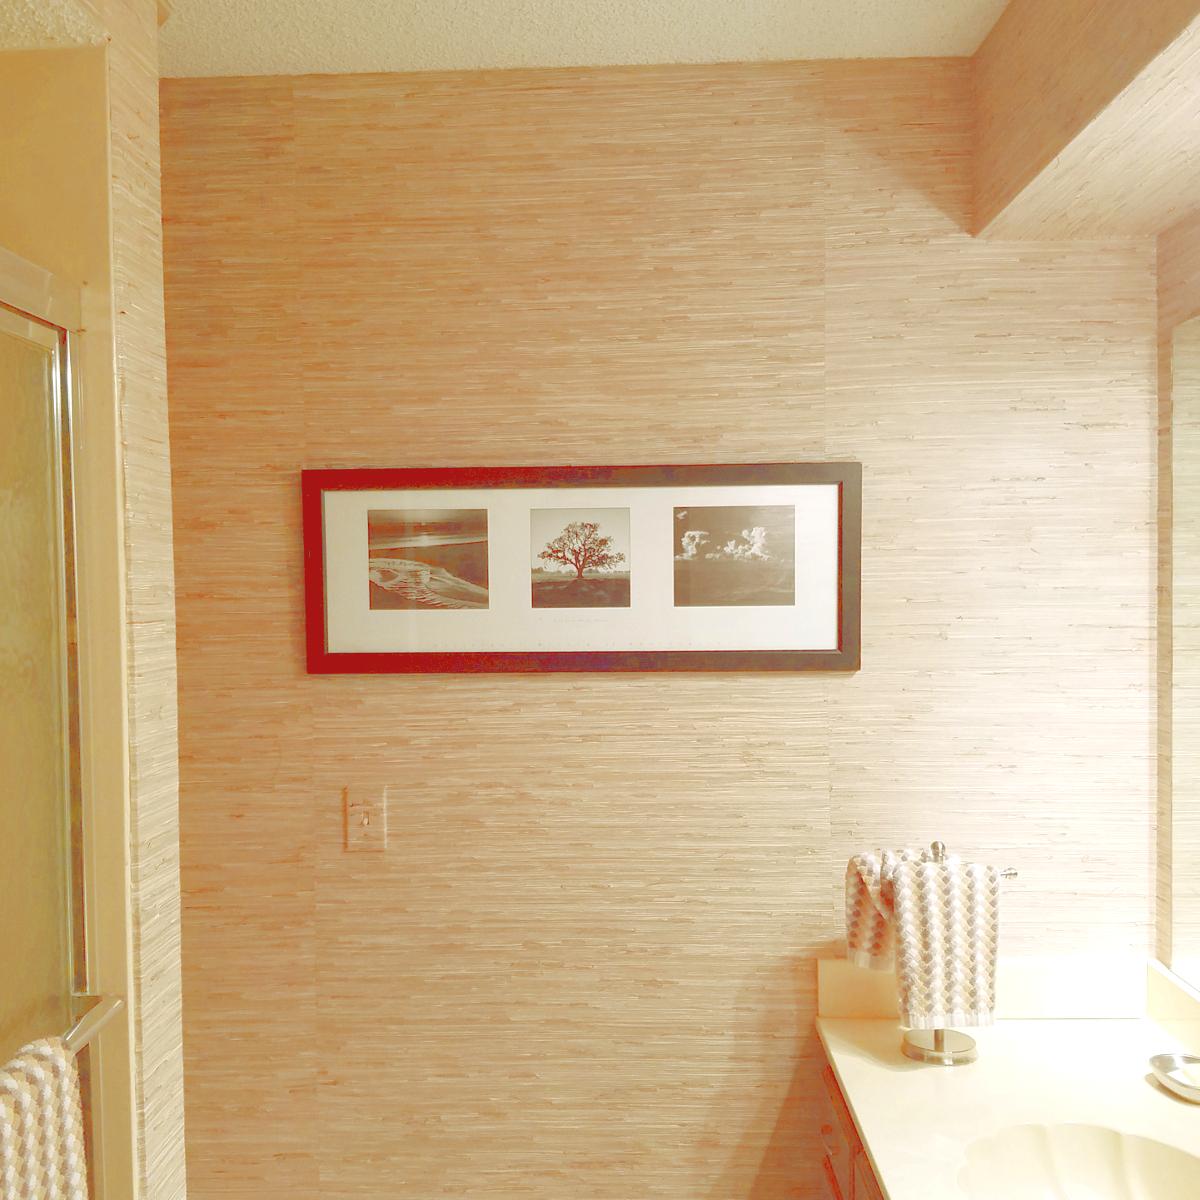 488 403 natural sea grass grasscloth wallpaper for Discount bathroom wallpaper